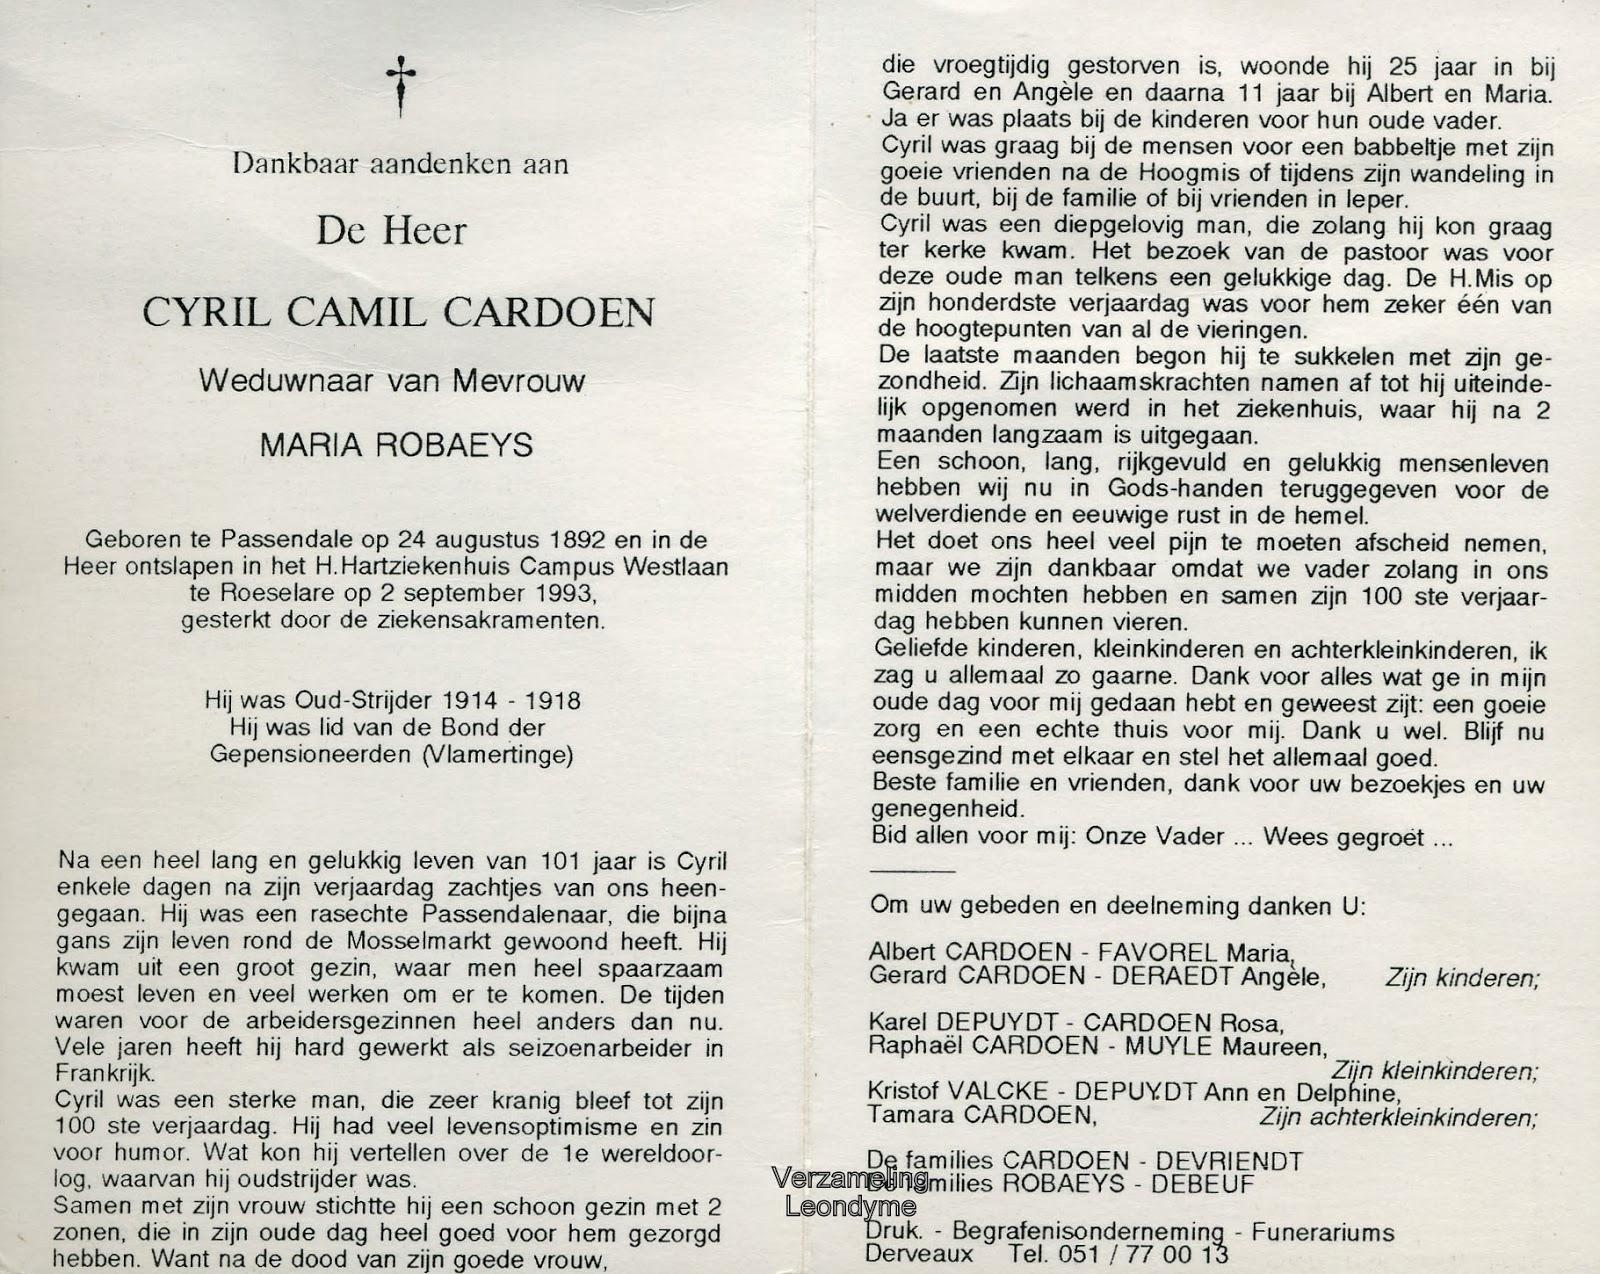 Bidprentje, Cyril Cardoen 1892-1993. Verzameling Leondyme